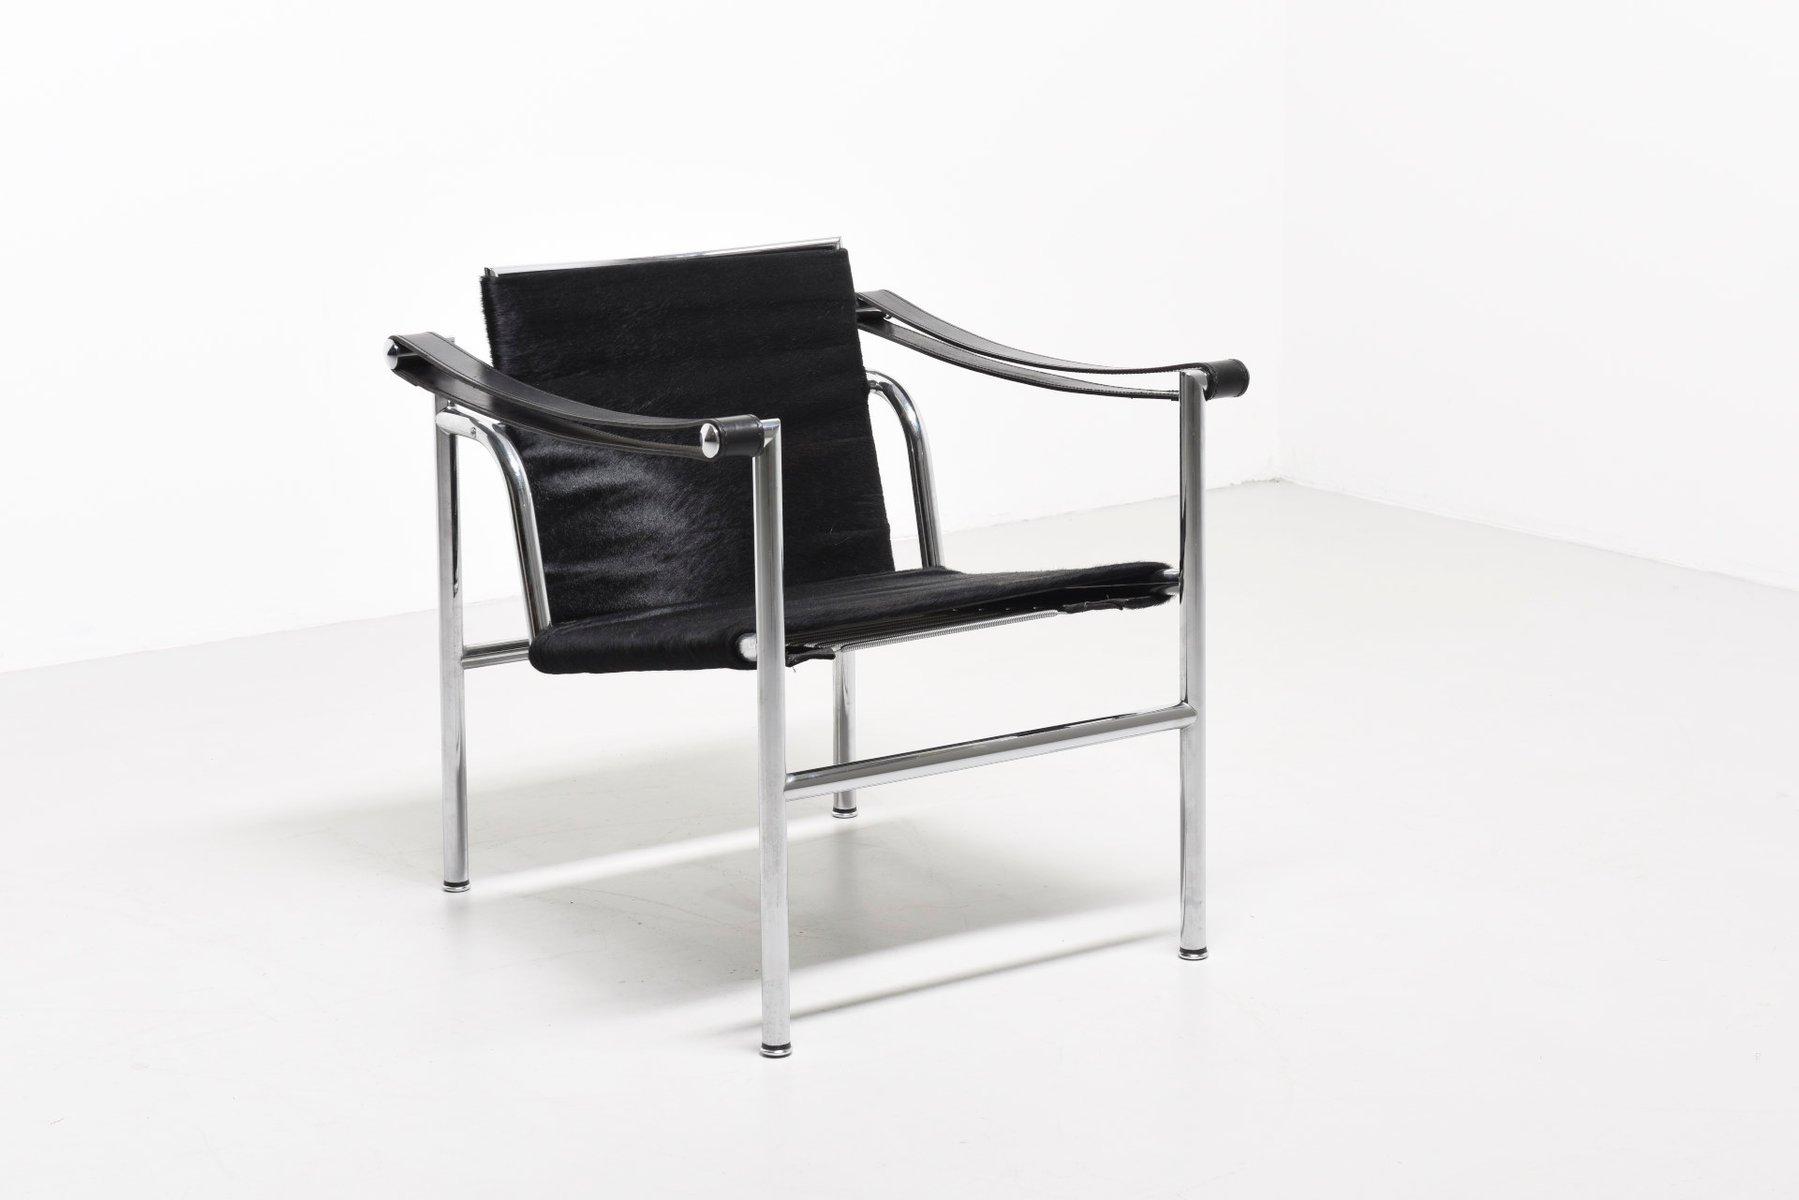 fauteuil lc1 vintage par le corbusier pierre jeanneret. Black Bedroom Furniture Sets. Home Design Ideas